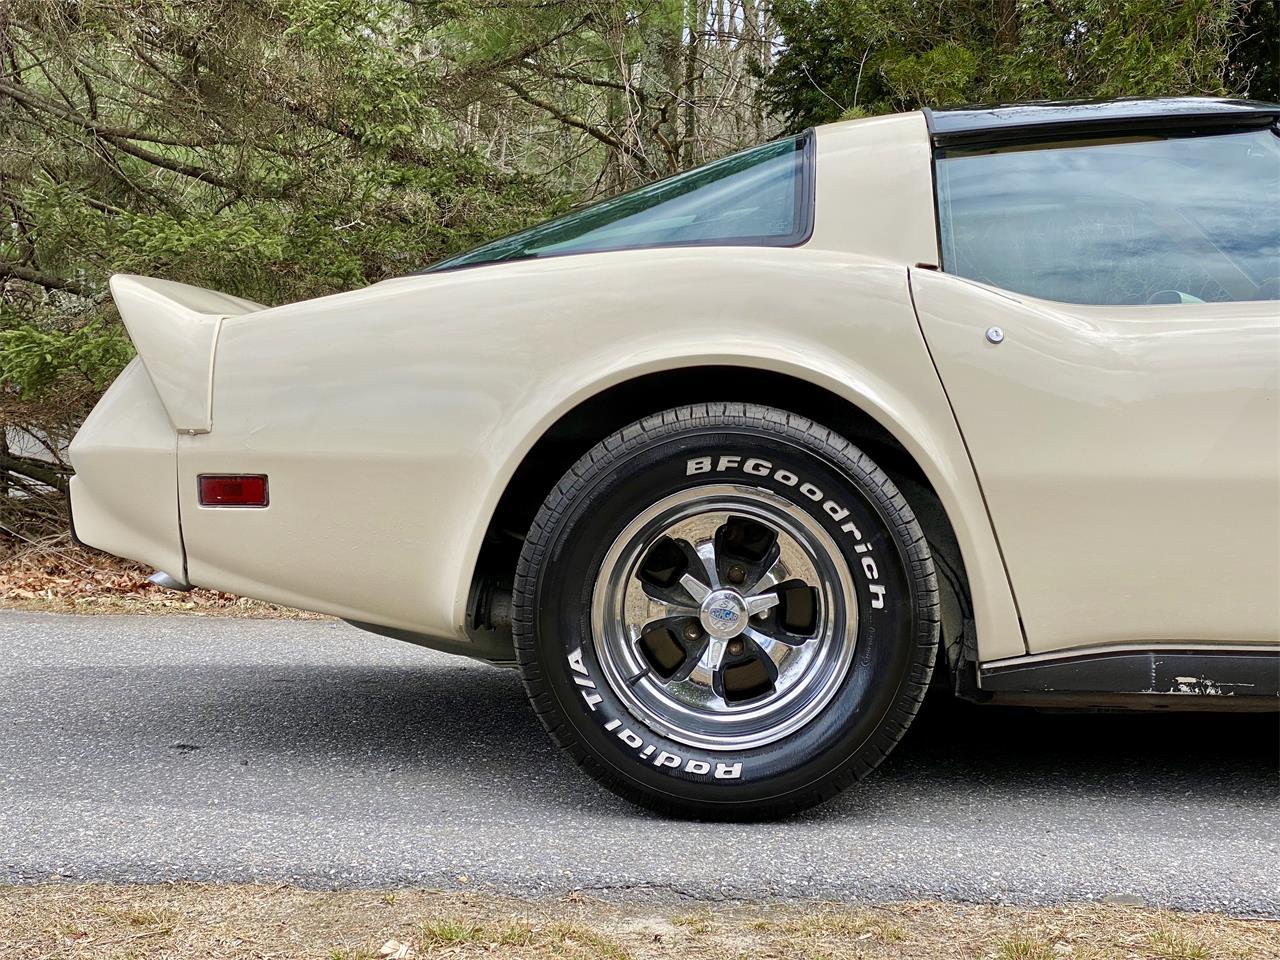 1979 Chevrolet Corvette (CC-1236757) for sale in Stow, Massachusetts